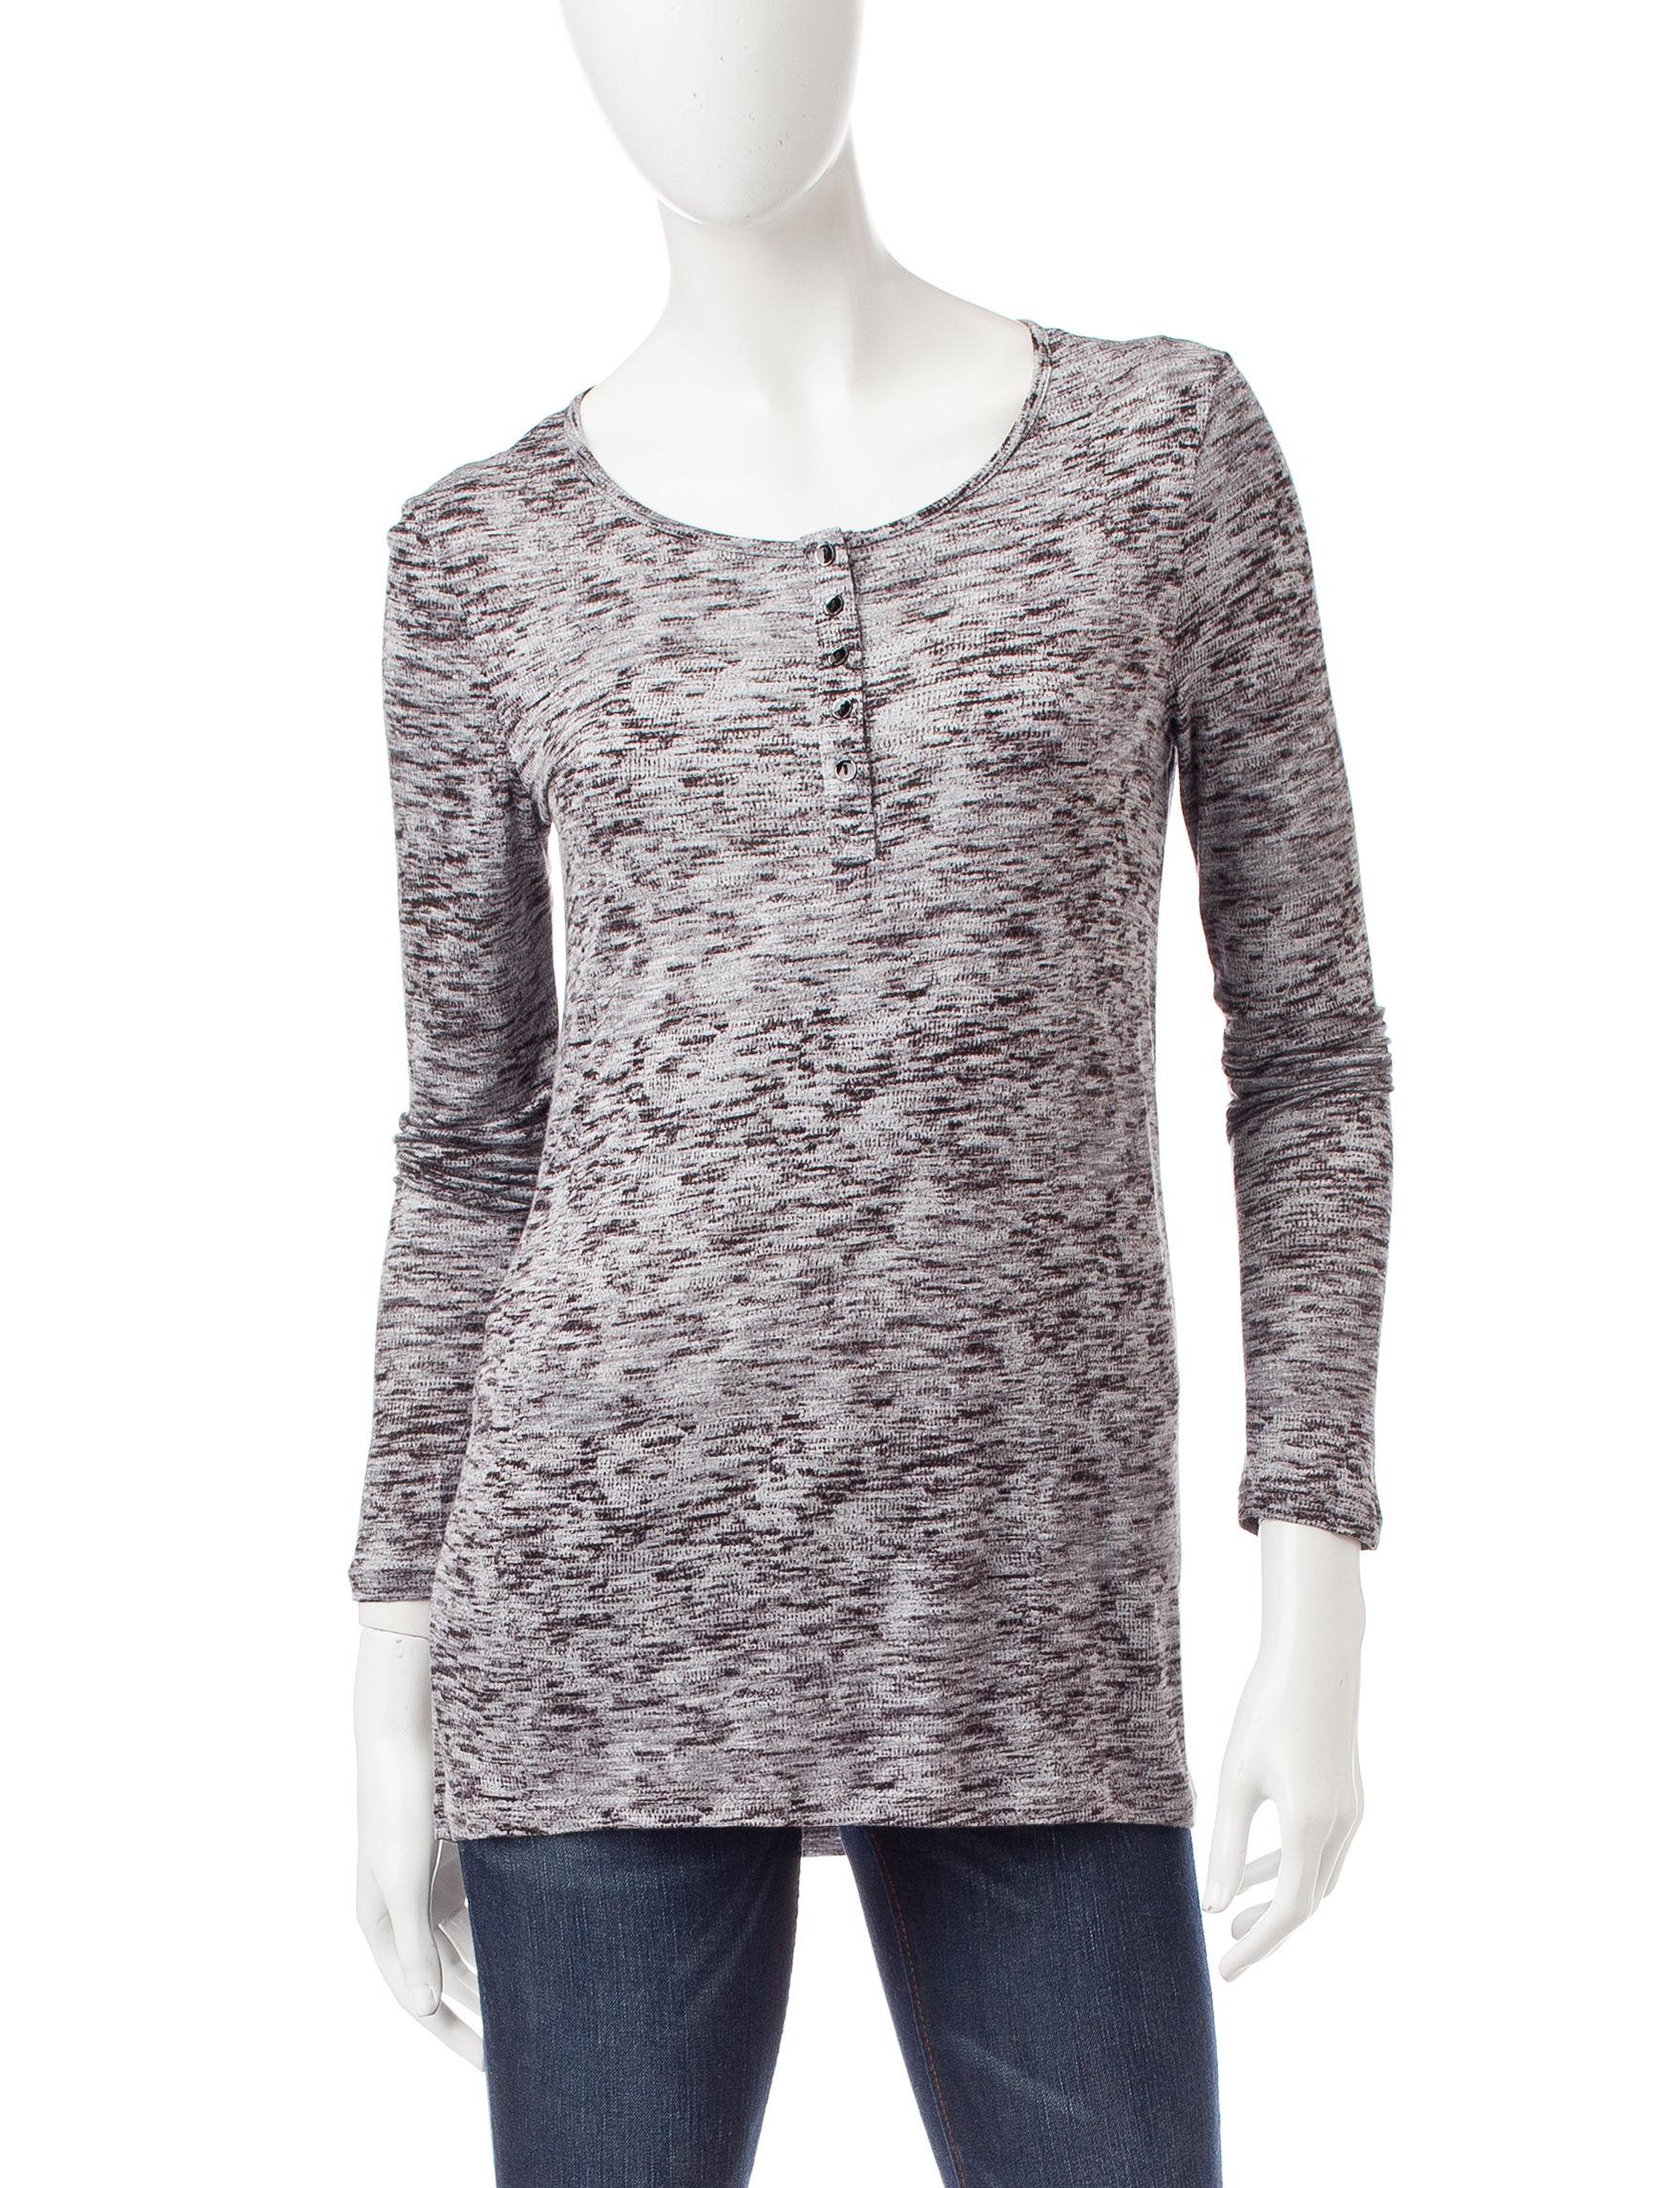 Kensie Grey / Black Shirts & Blouses